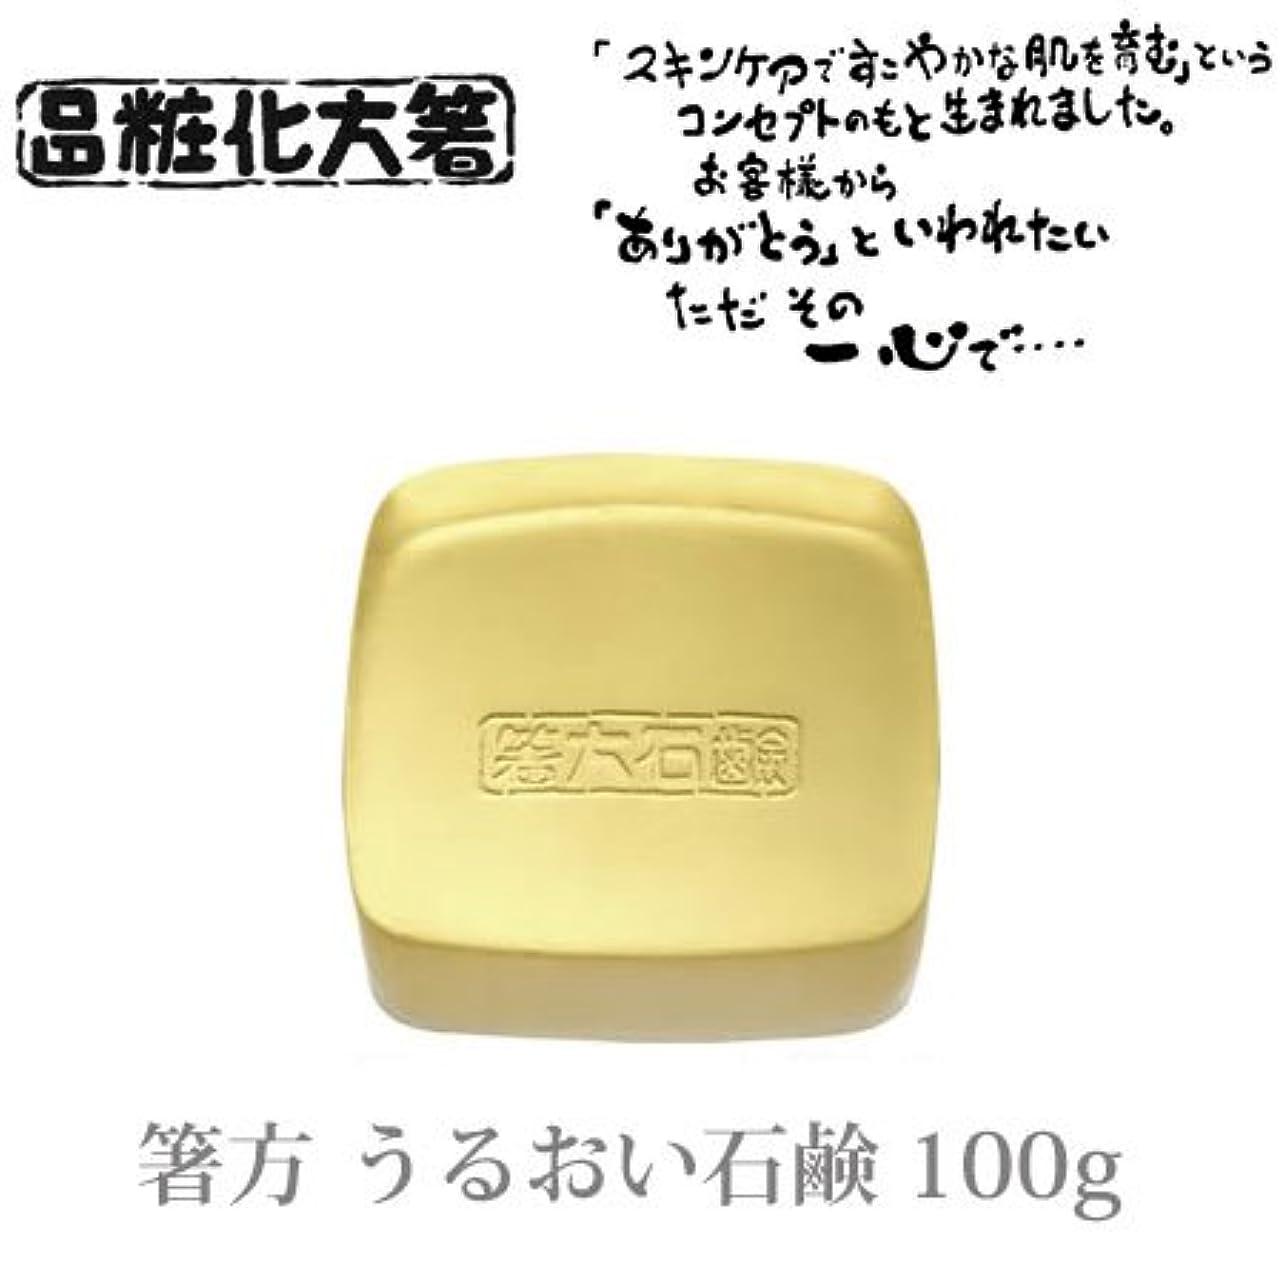 全くライフルすごい箸方化粧品 うるおい石鹸 100g はしかた化粧品